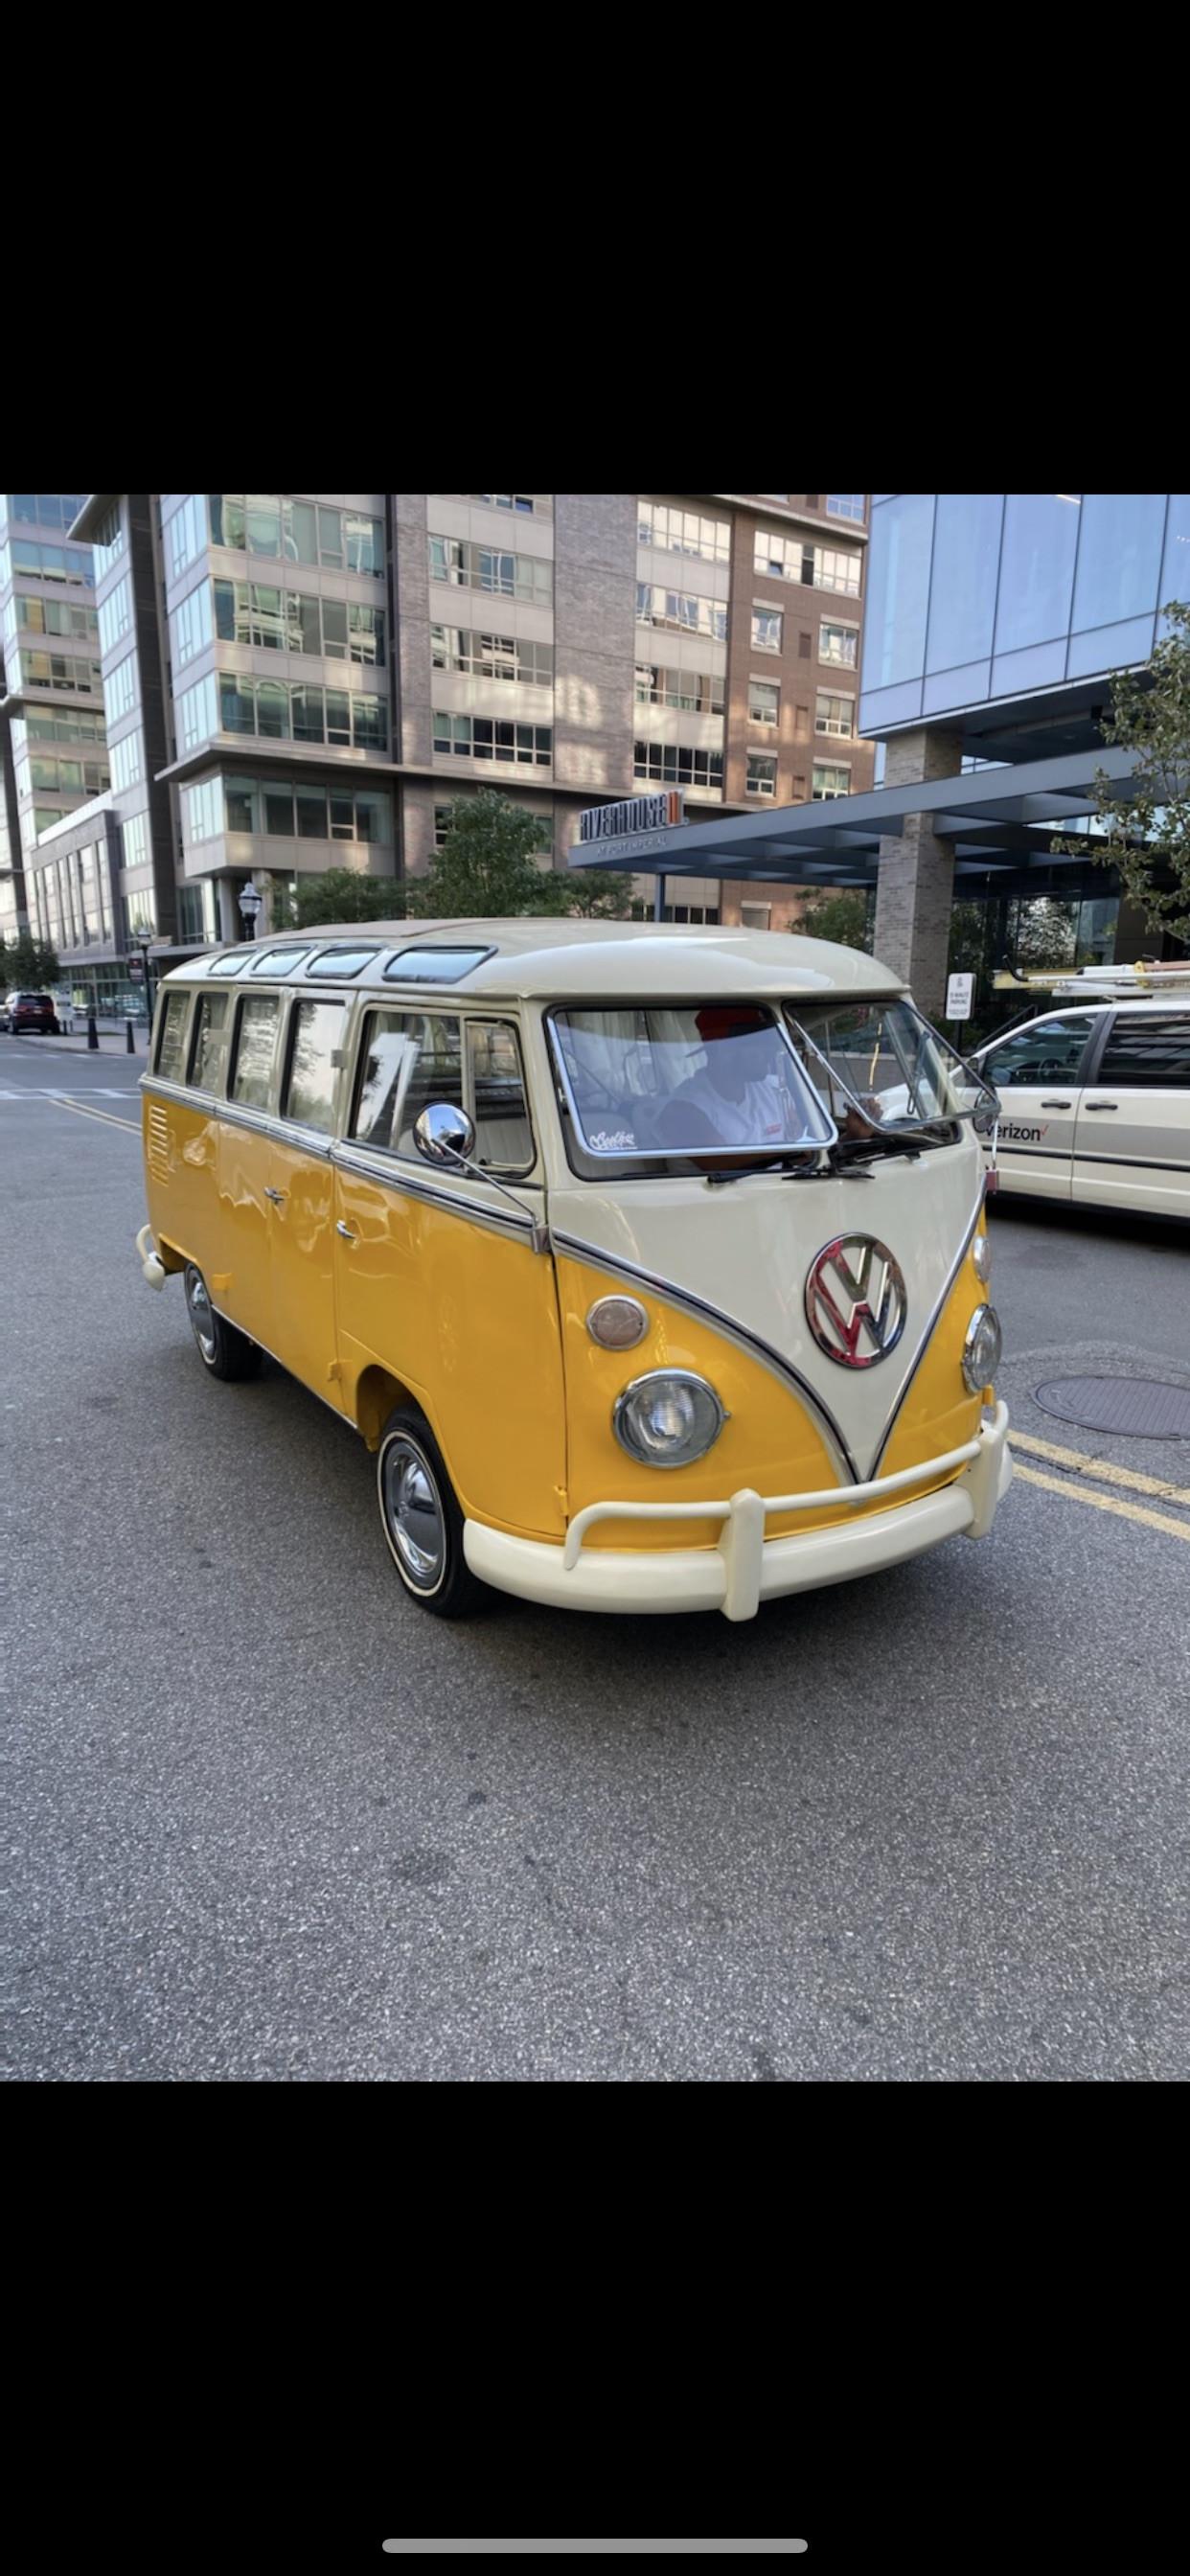 Volkswagen Split Window Bus Hire Hoboken